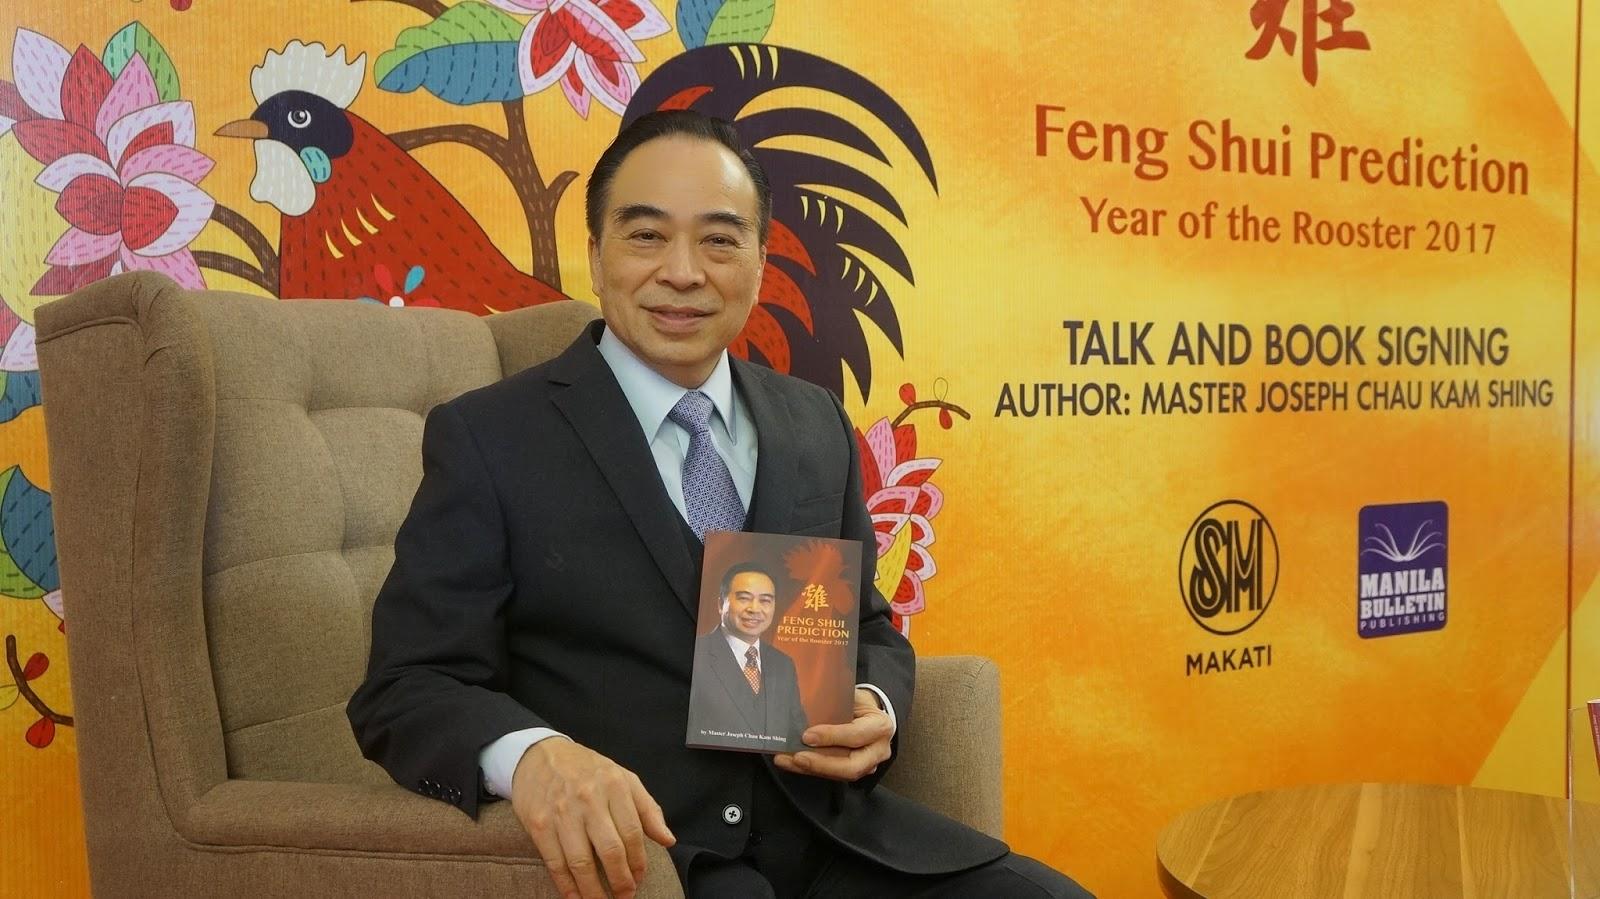 Feng Shui Master master joseph chau kam shing and his feng shui predictions wazzup